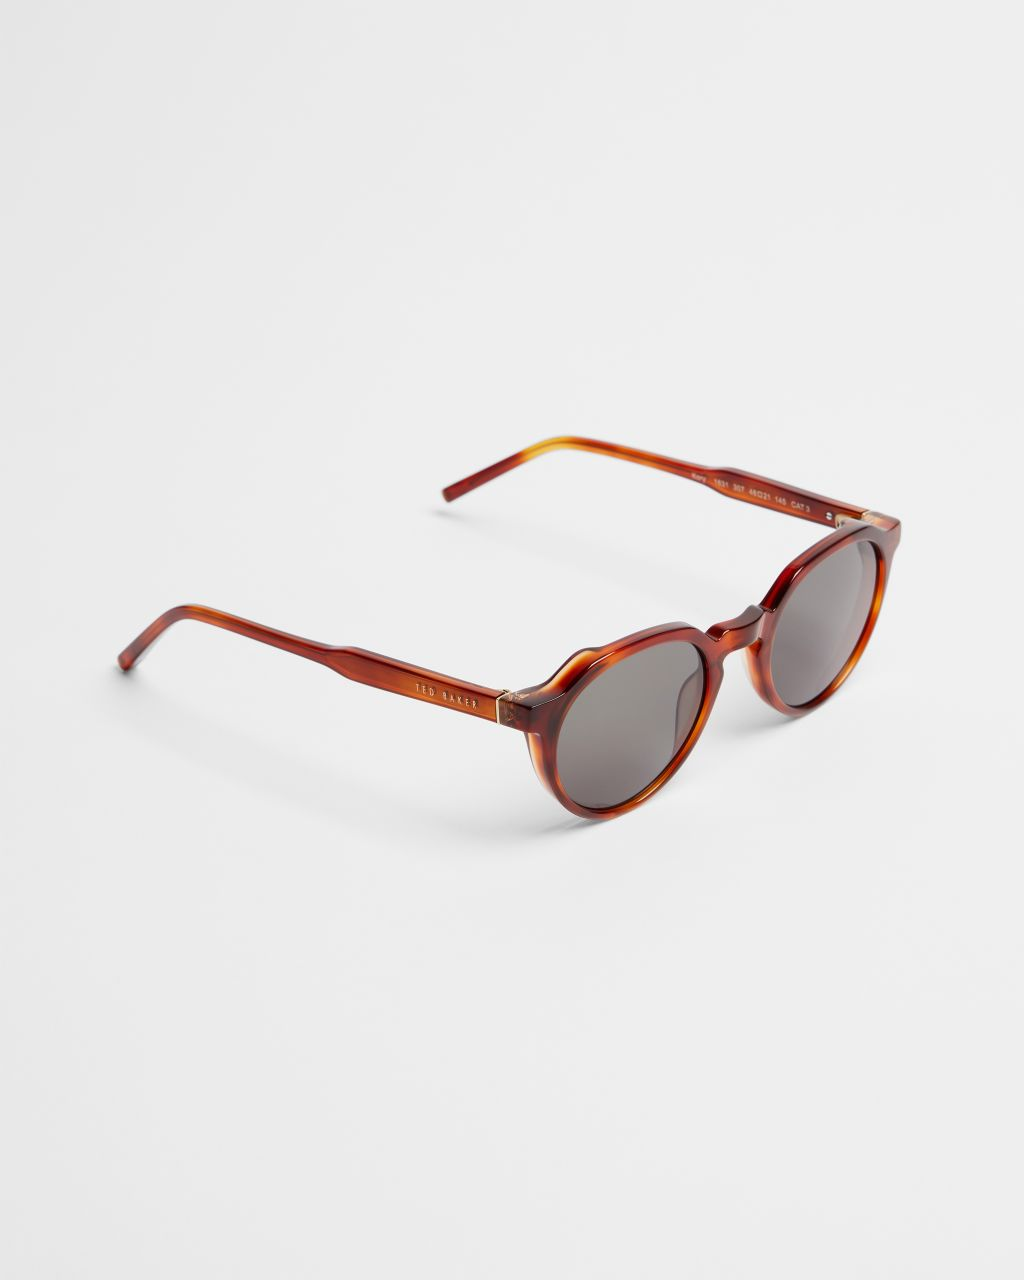 TED BAKER Runde Retro Sonnenbrille | TED BAKER SALE